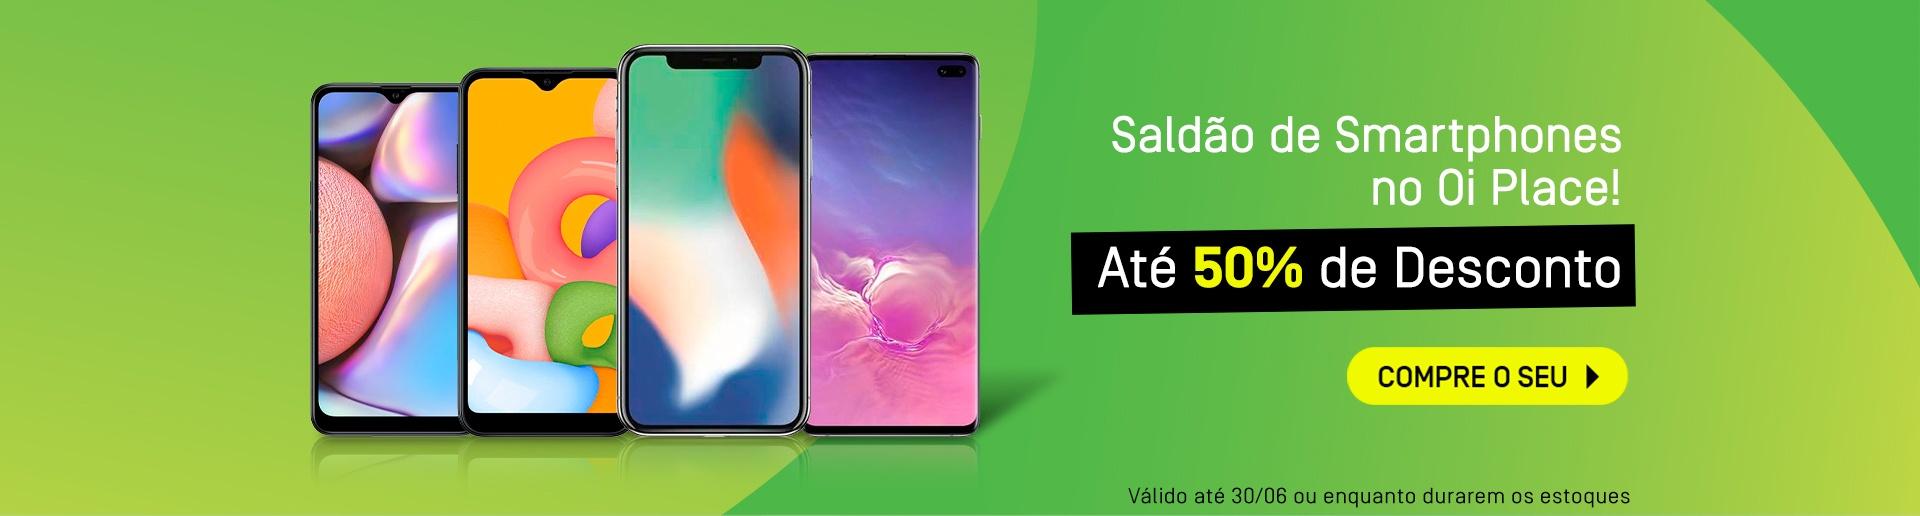 Banner desktop Saldão Smartphones 2.0